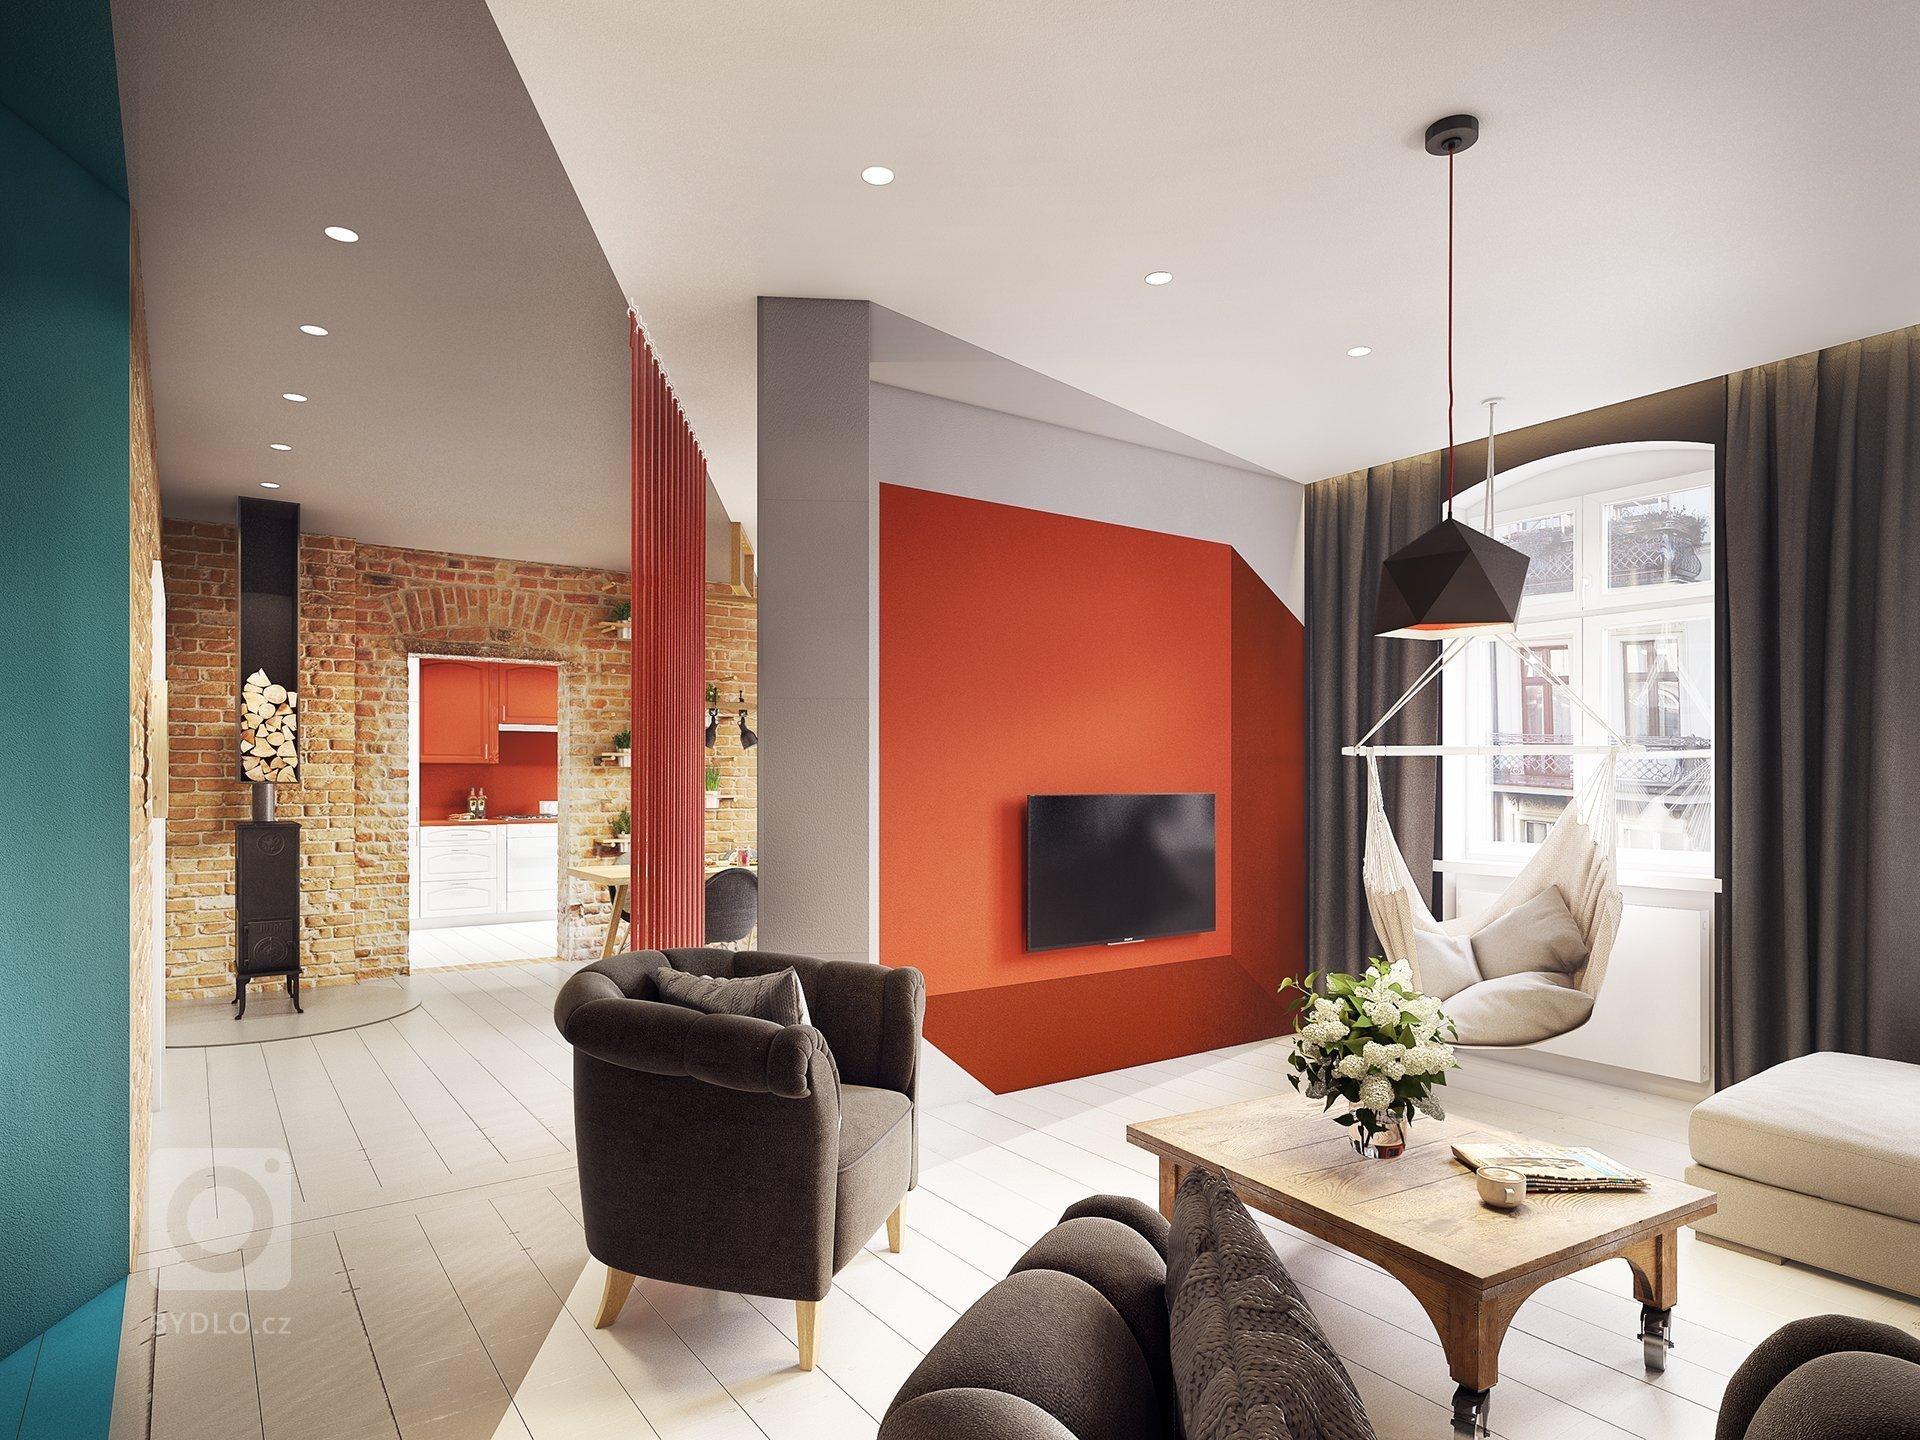 Nápaditý interiér doplněný cihlovou a tyrkysovou barvou vás nadchne.